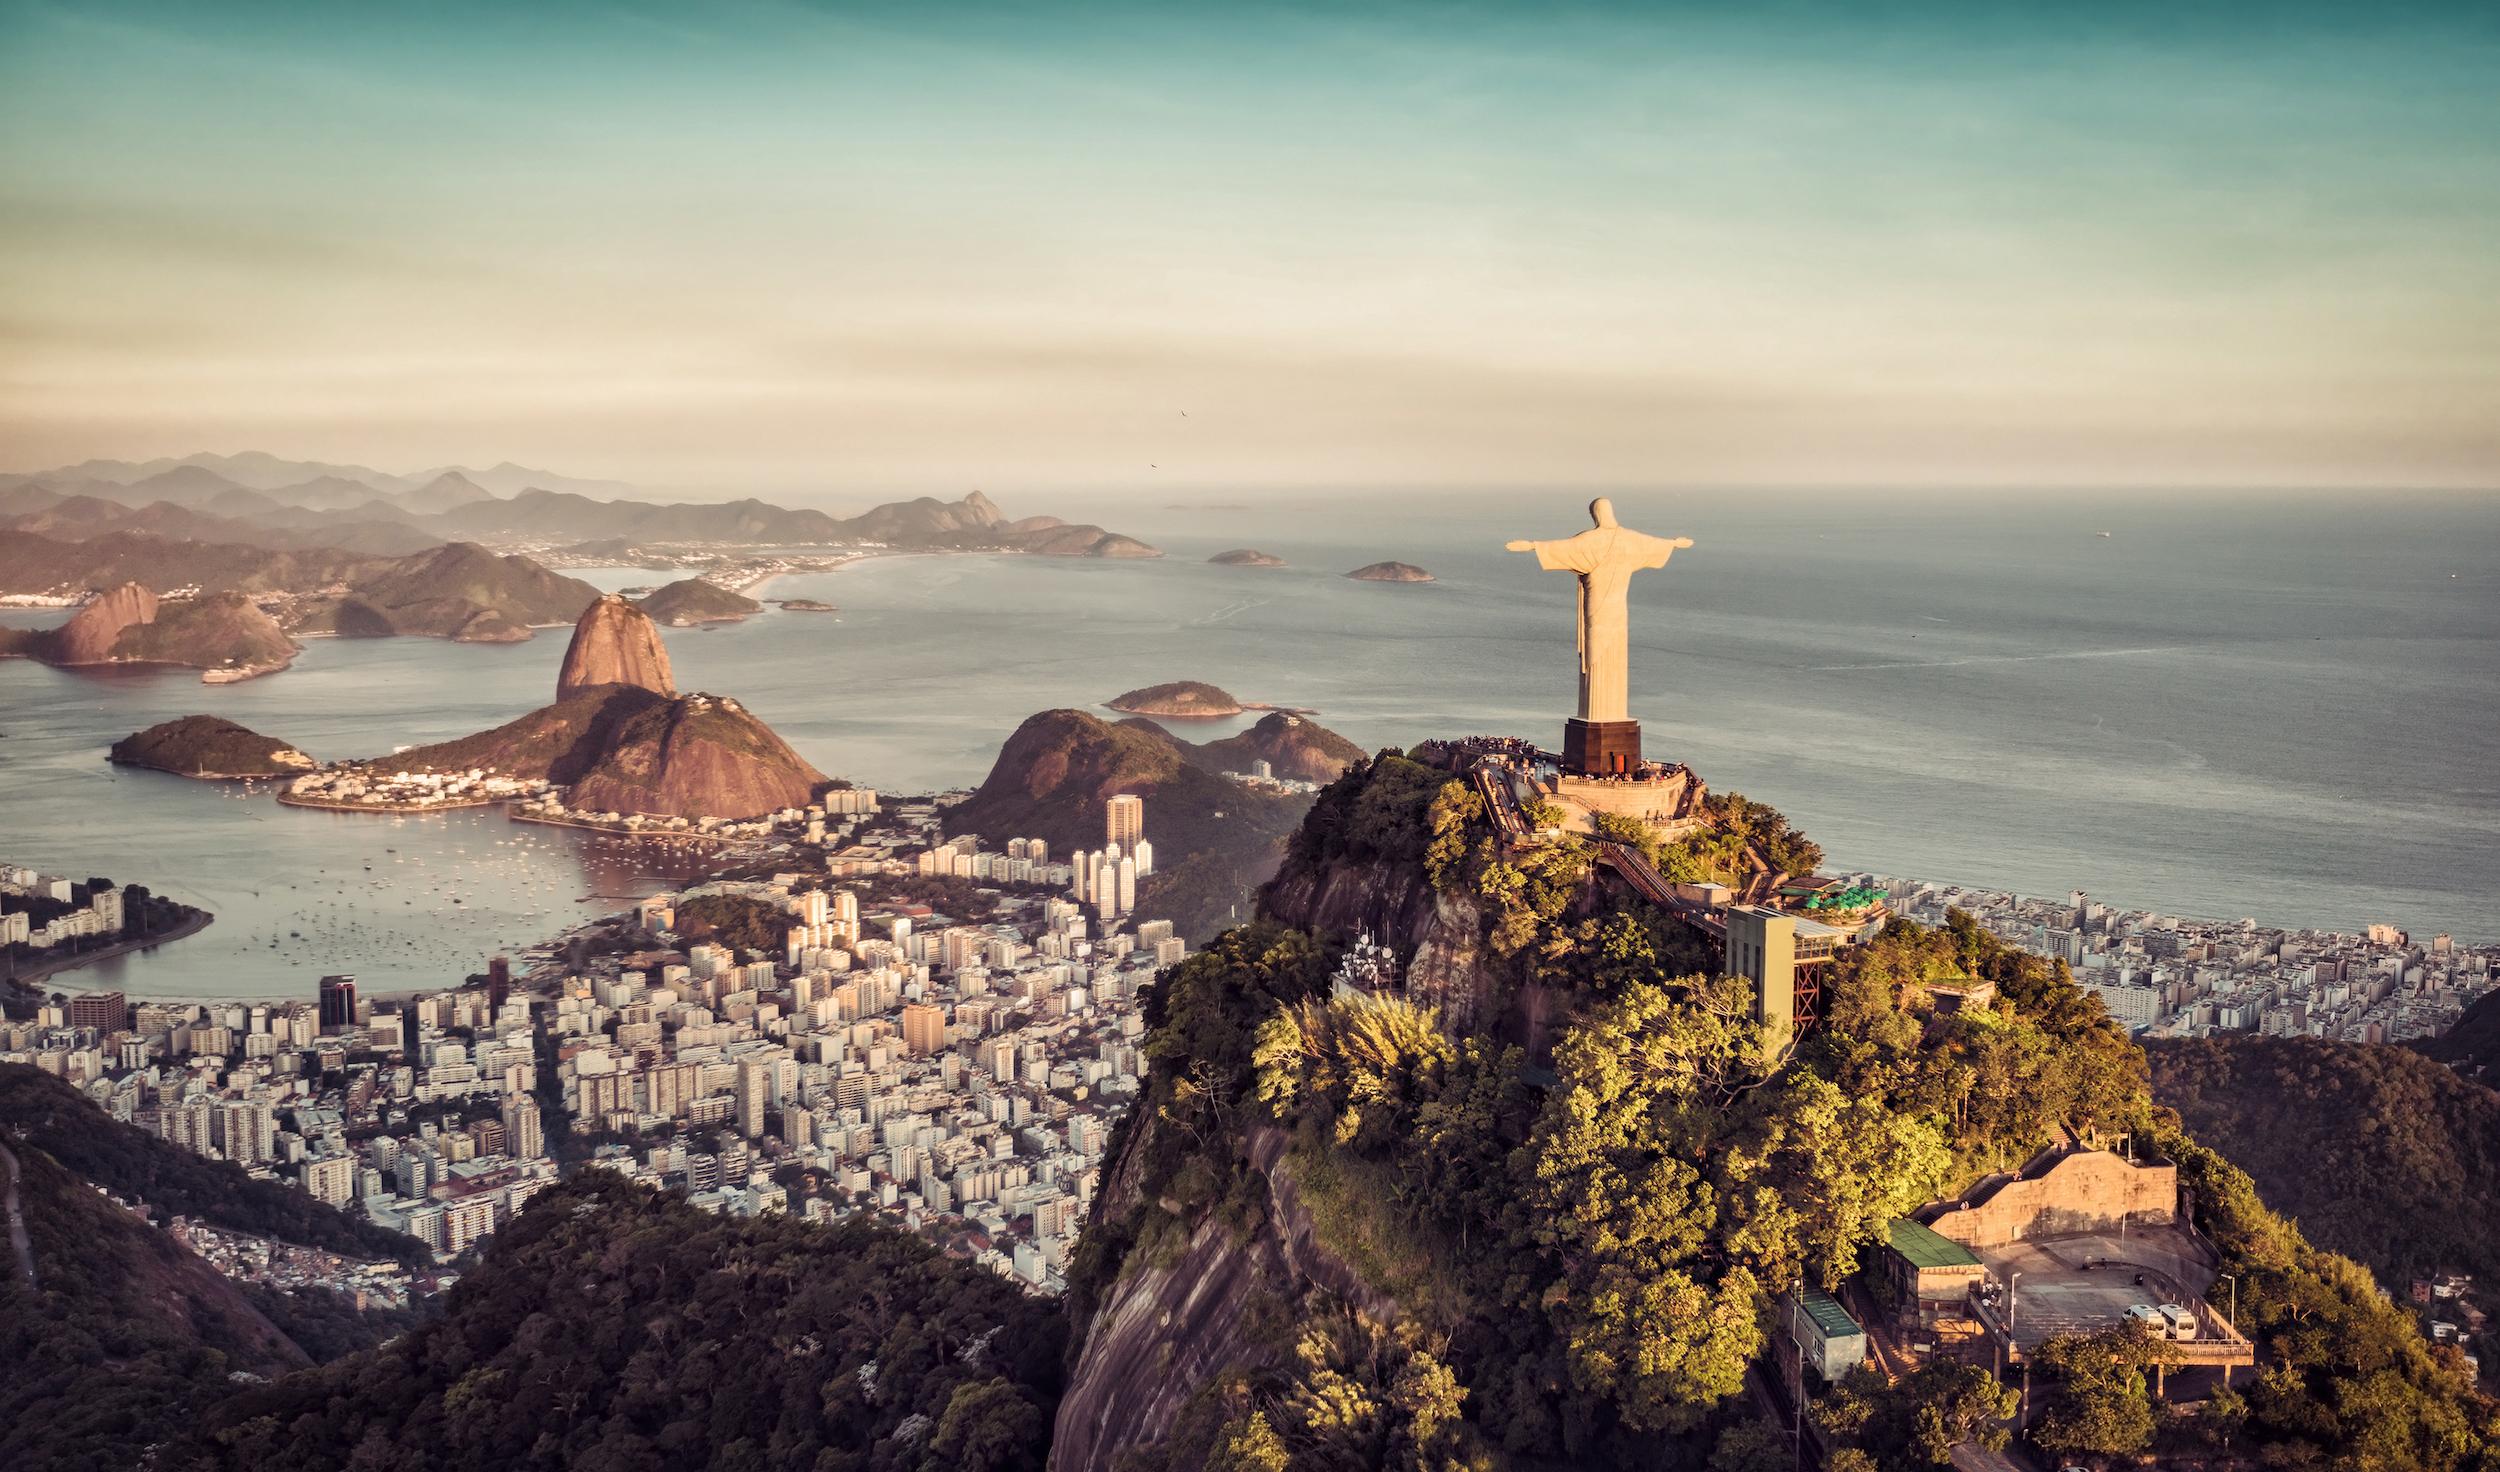 PVT Bresil - Botafogo Bay - Sugar Load Mountain - Rio de Janeiro